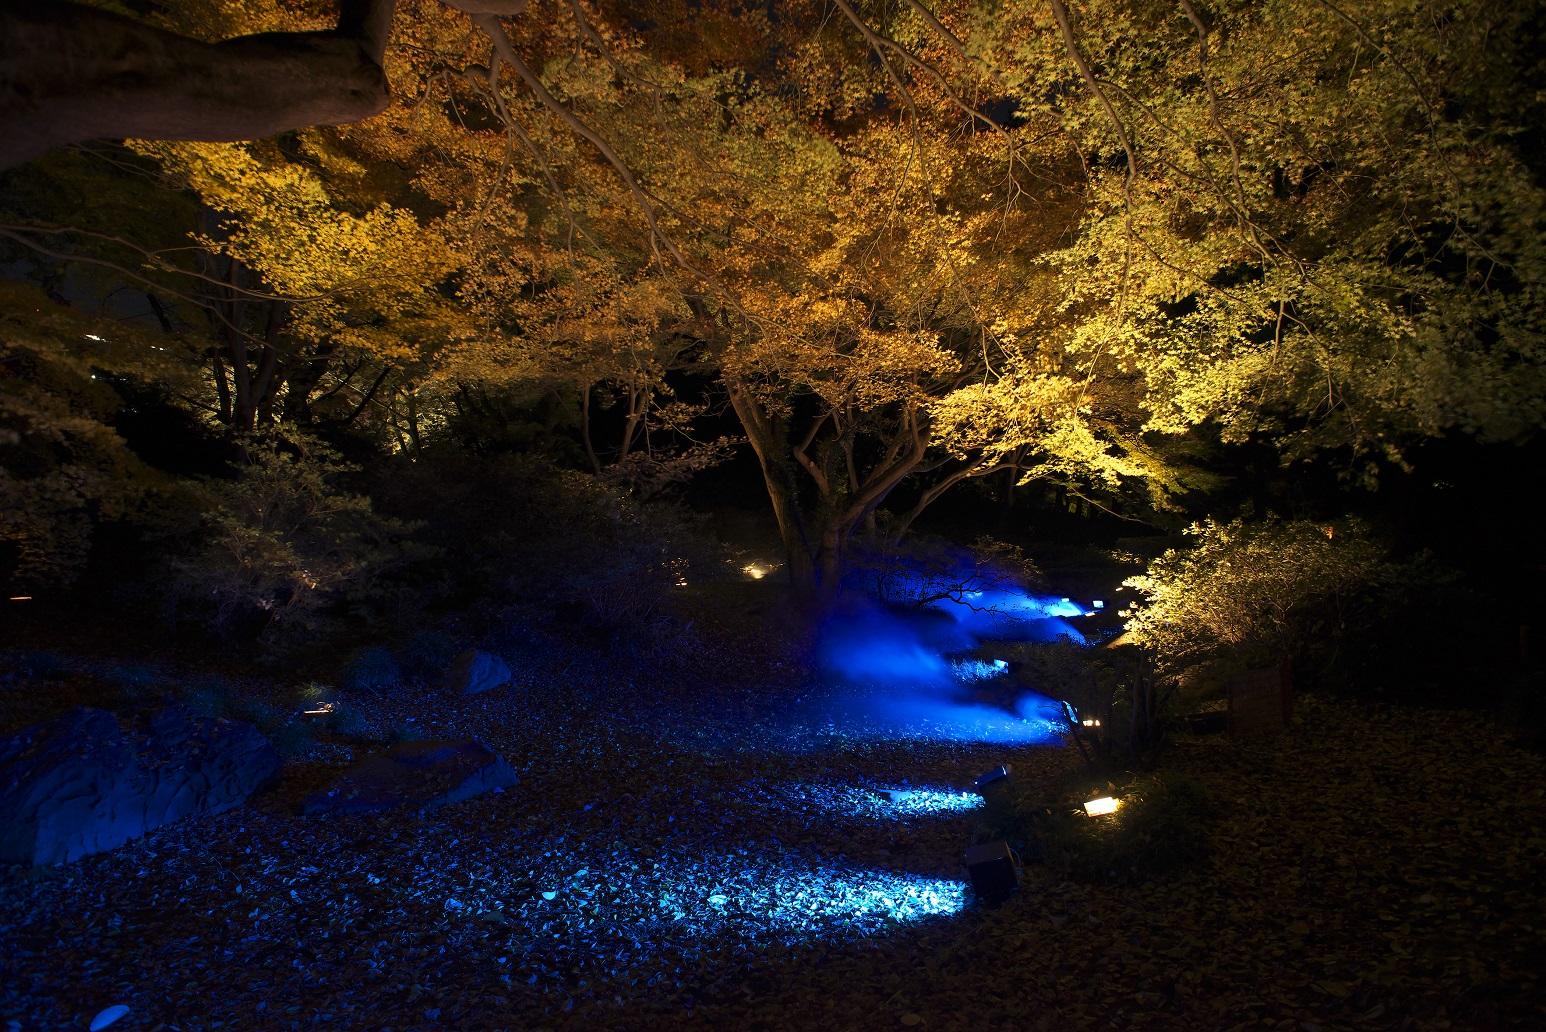 六義園 紅葉ライトアップ Rikugien autumn lighting (article by amuzen)